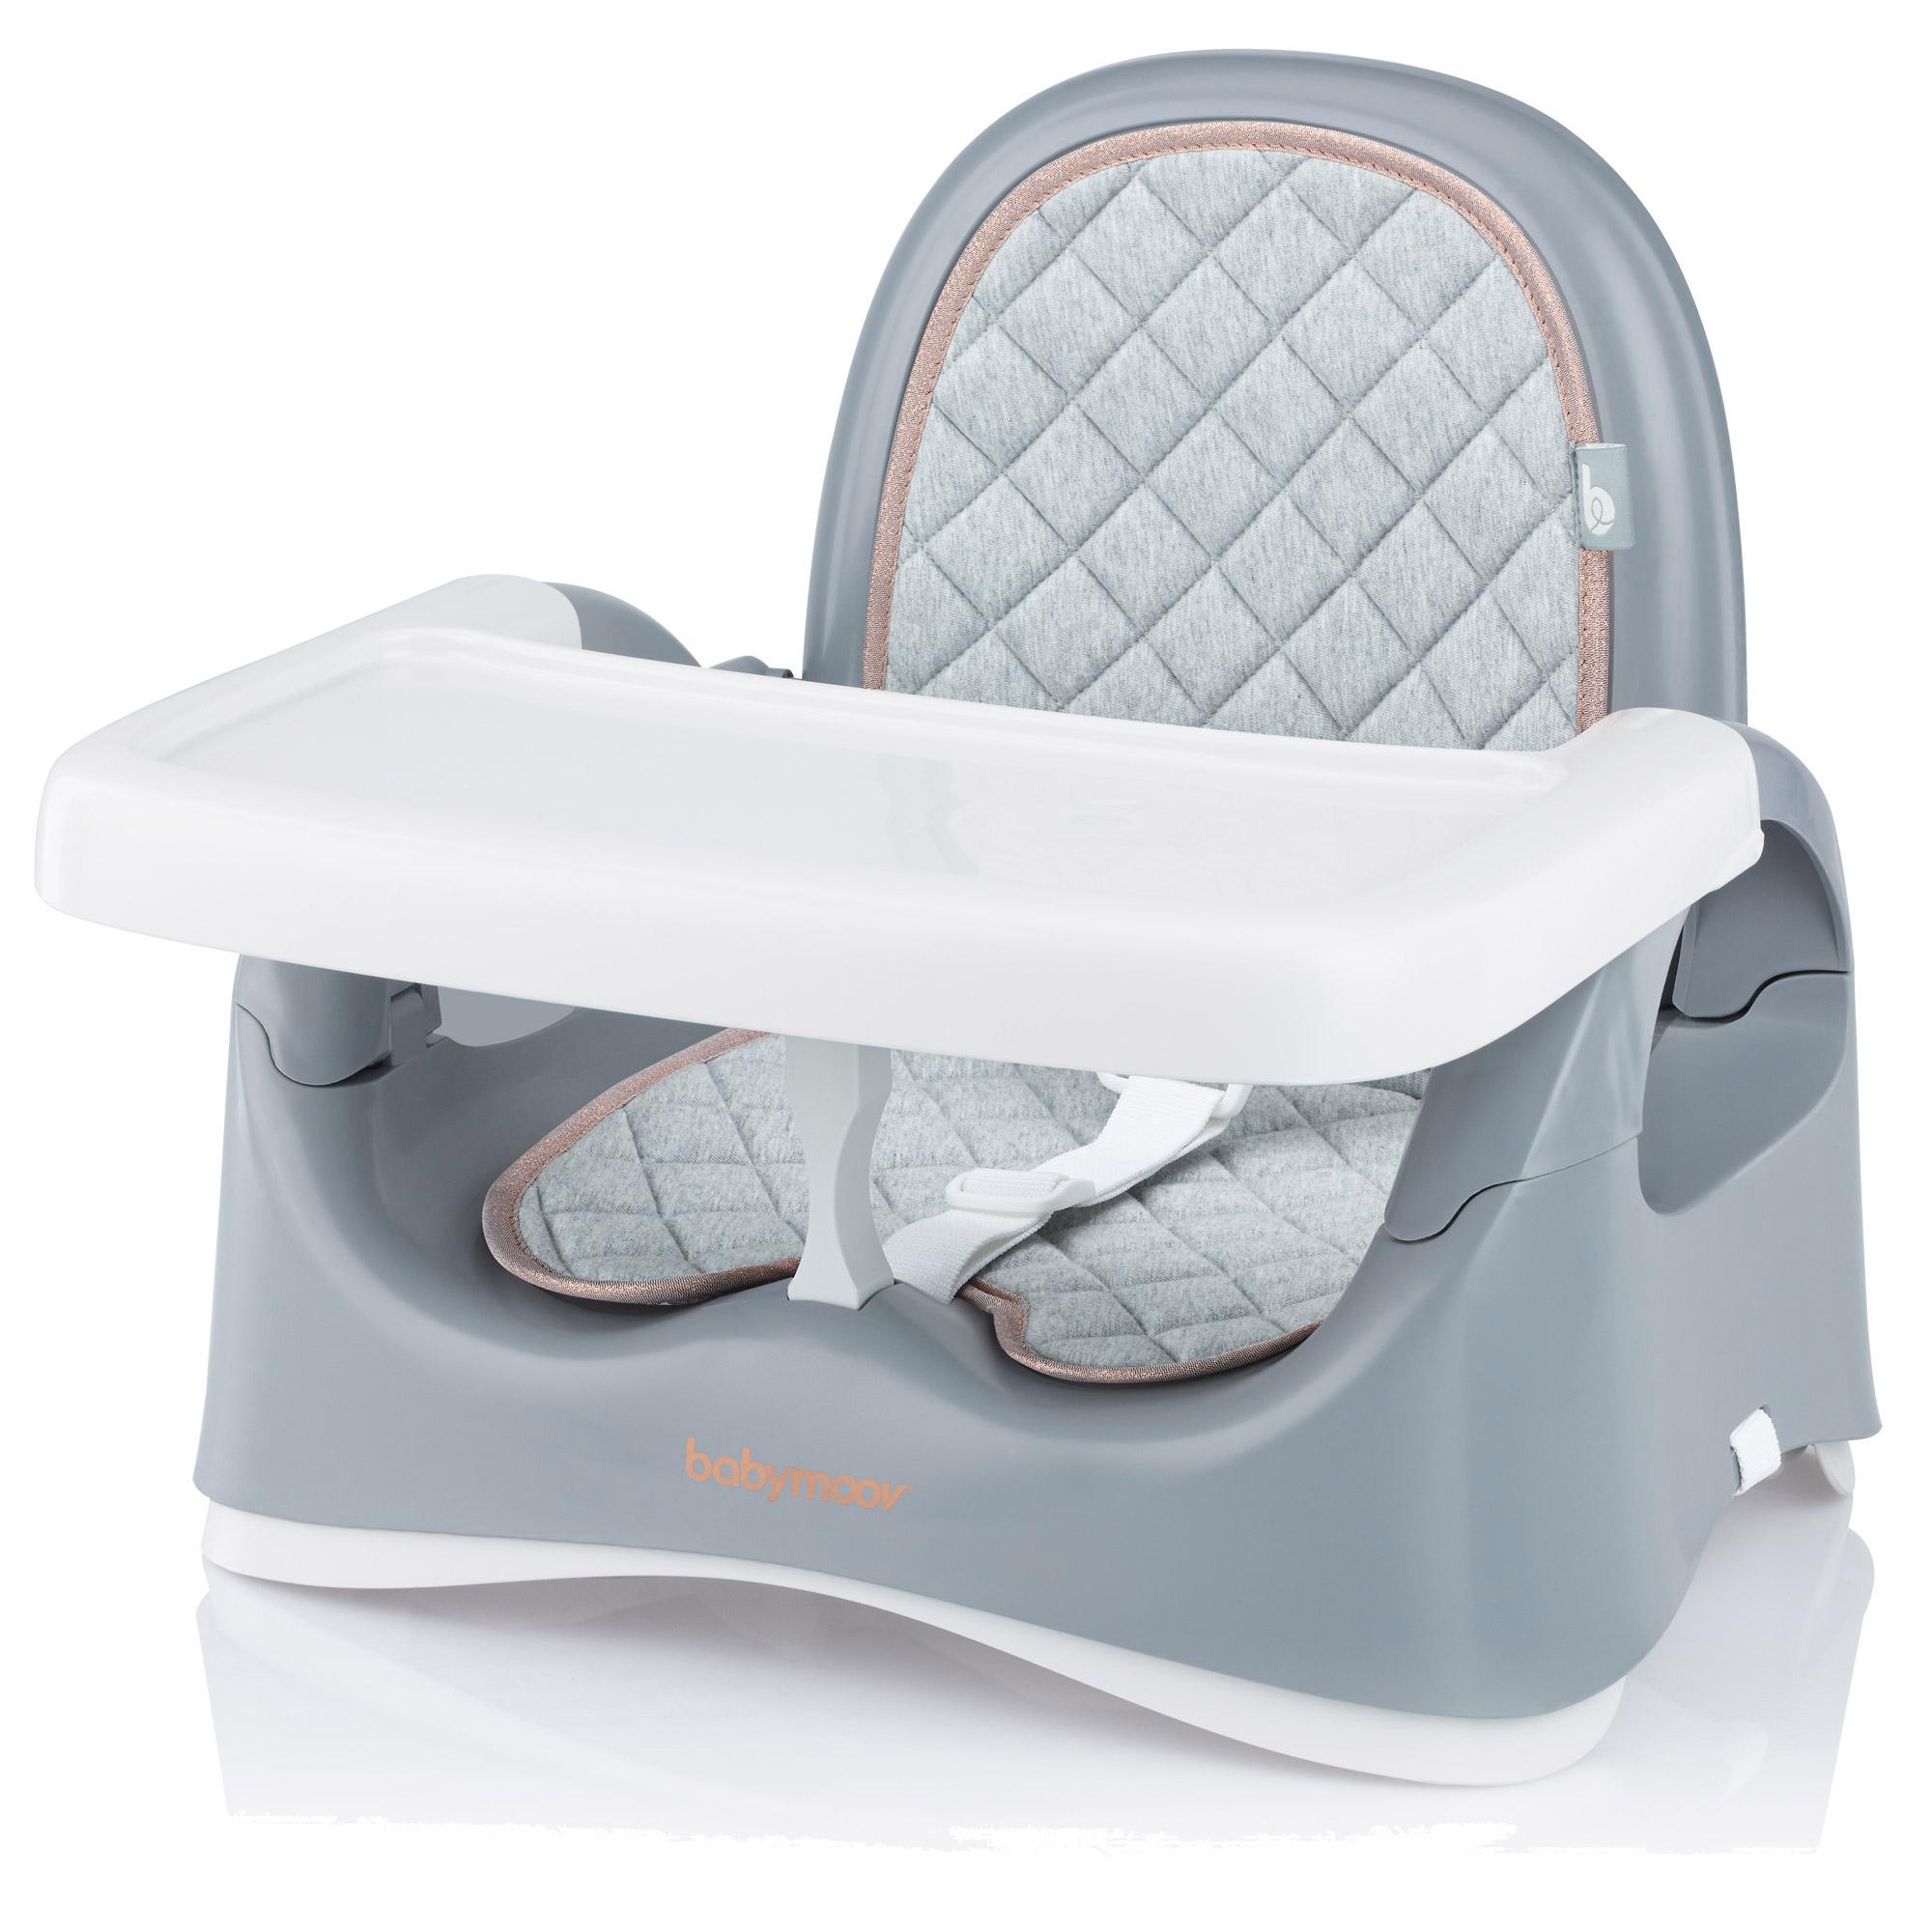 R hausseur compact smokey de babymoov r hausseurs aubert - Rehausseur de chaise aubert ...